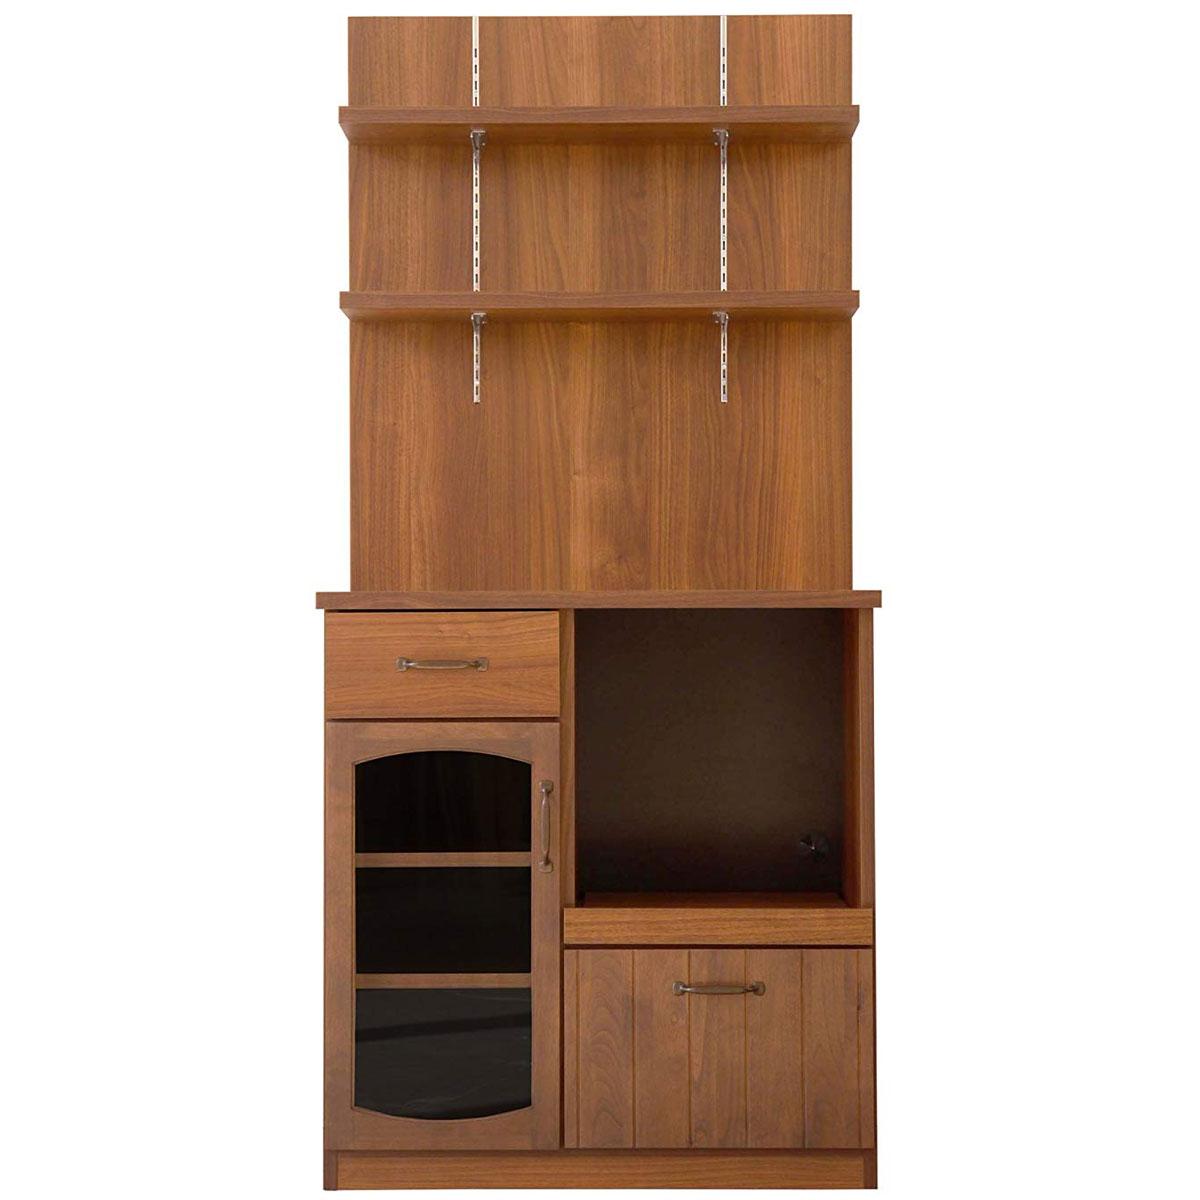 【送料無料】80 カウンターパネル付 食器棚 キッチンボード バックパネル シェルフ 幅80 大型